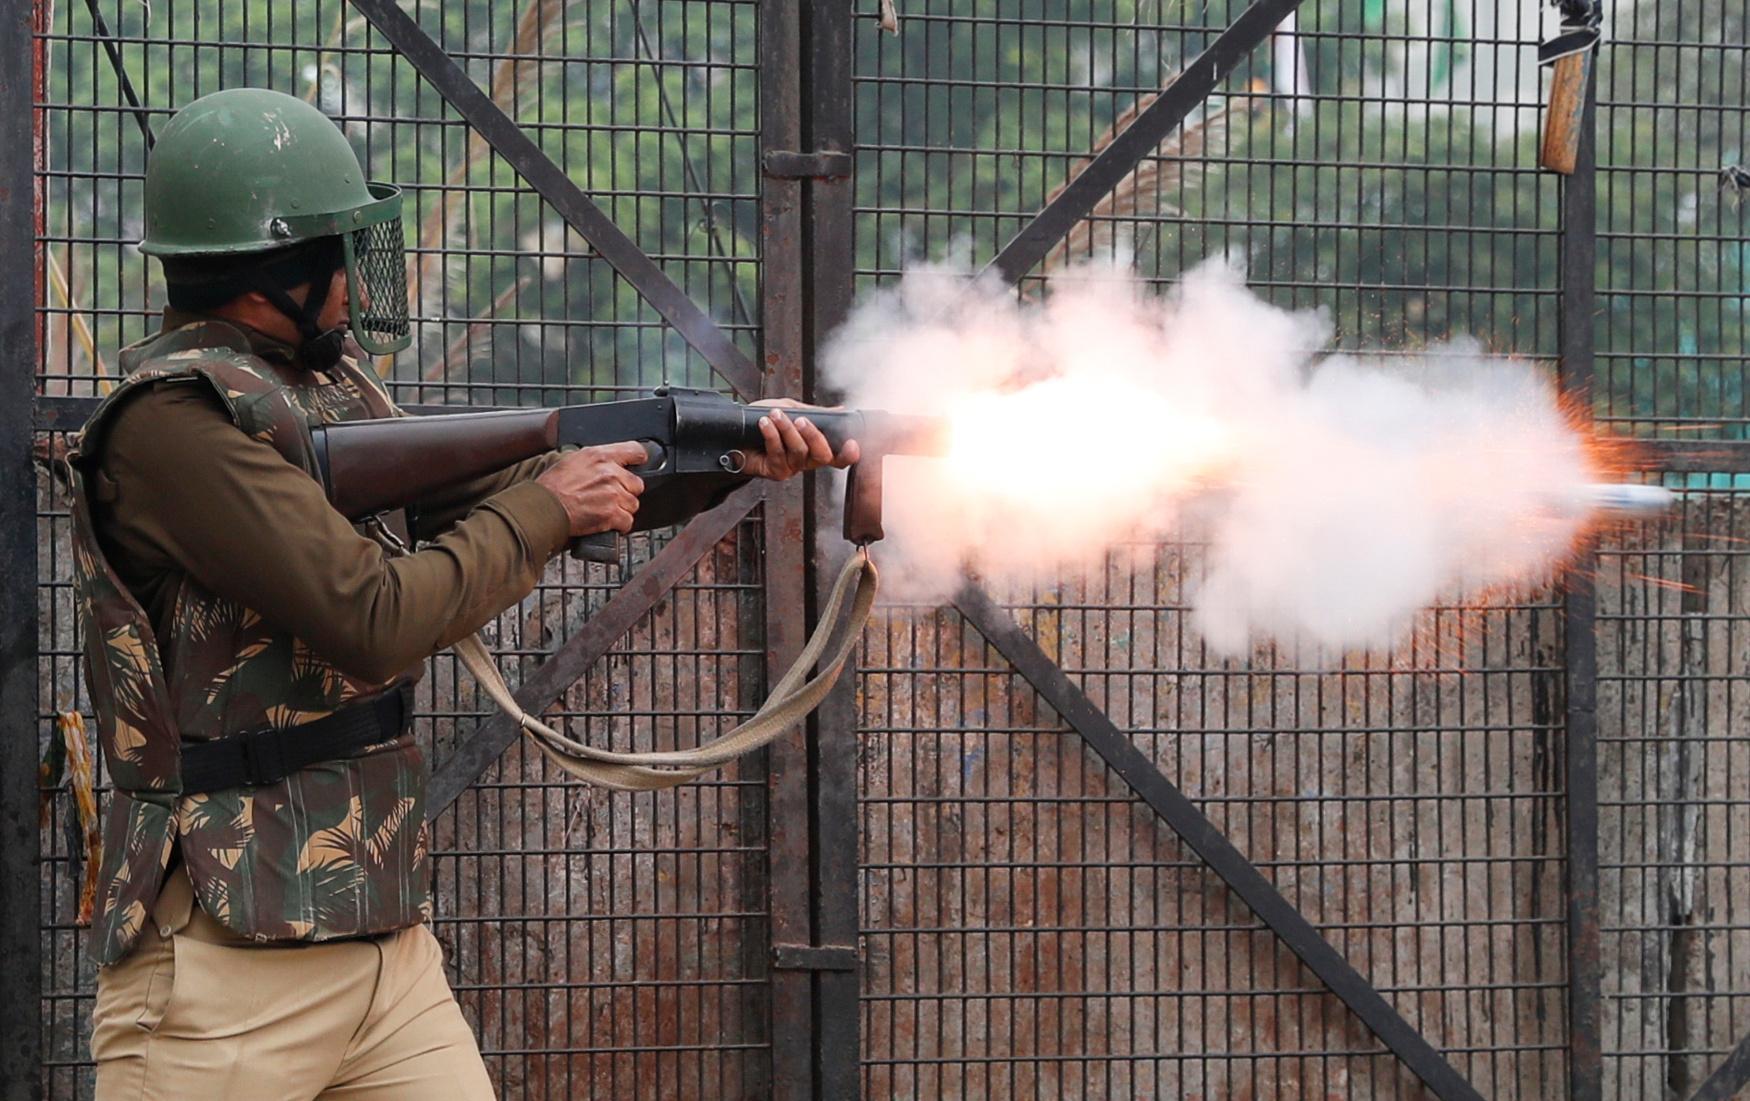 Des affrontements éclatent dans la capitale indienne à propos de la loi sur la citoyenneté; Modi rejette la critique